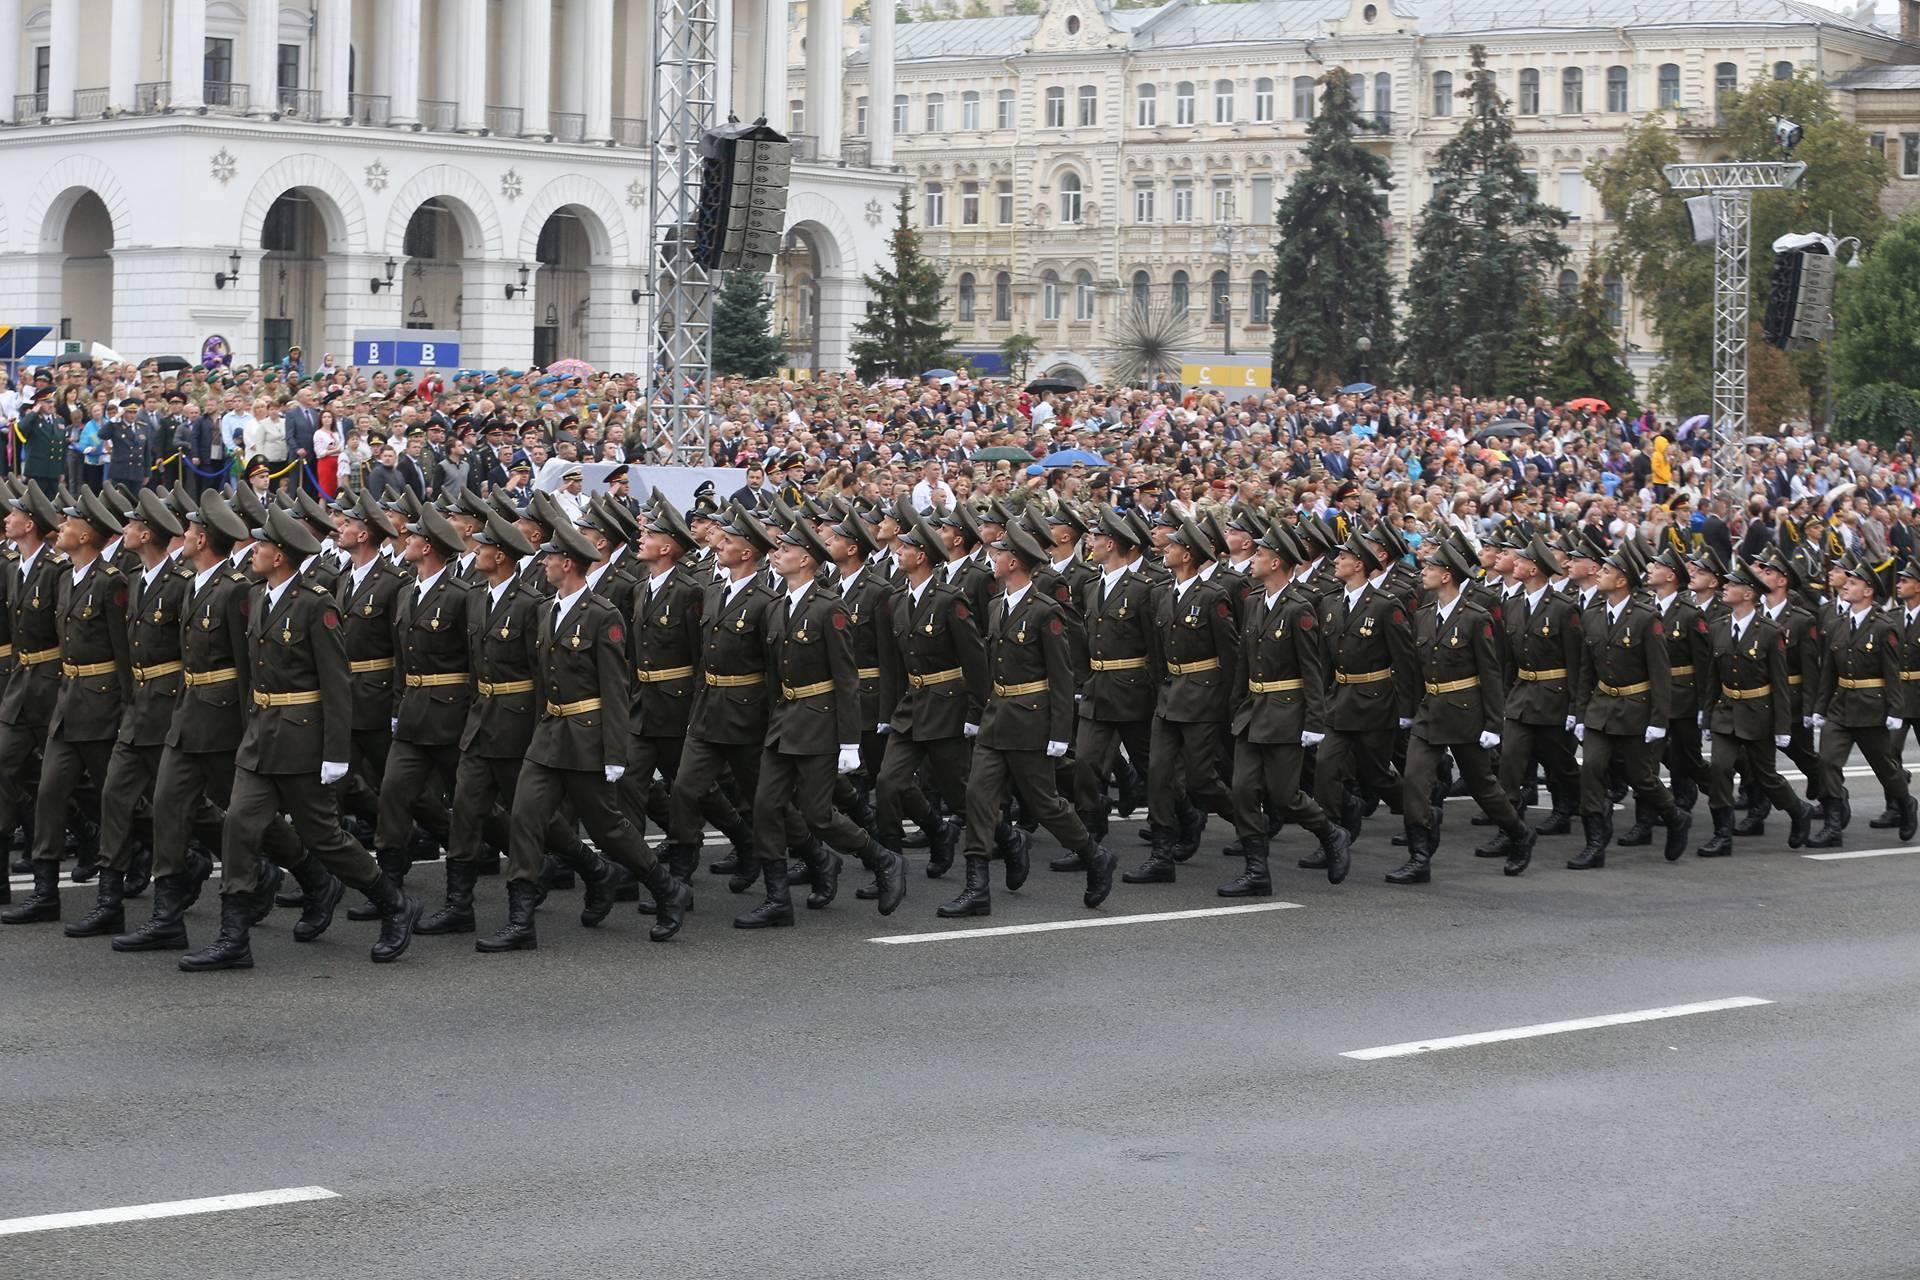 В киеве прошел военный парад фото